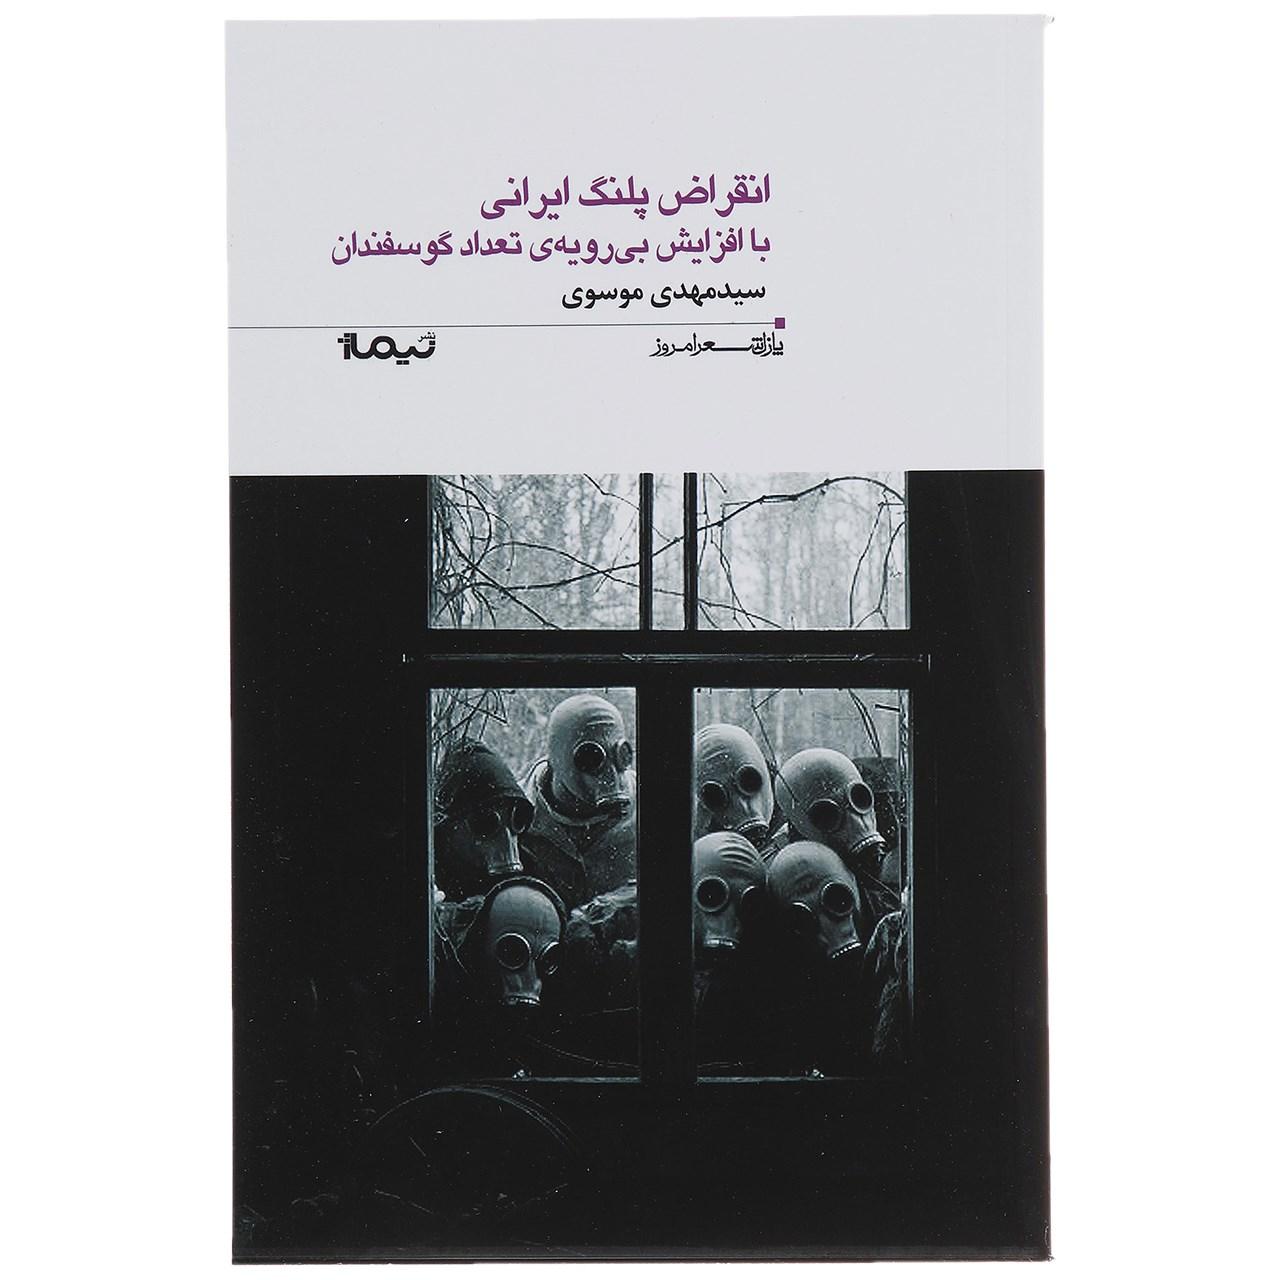 خرید                      کتاب انقراض پلنگ ایرانی با افزایش بی رویه تعداد گوسفندان اثر سید مهدی موسوی